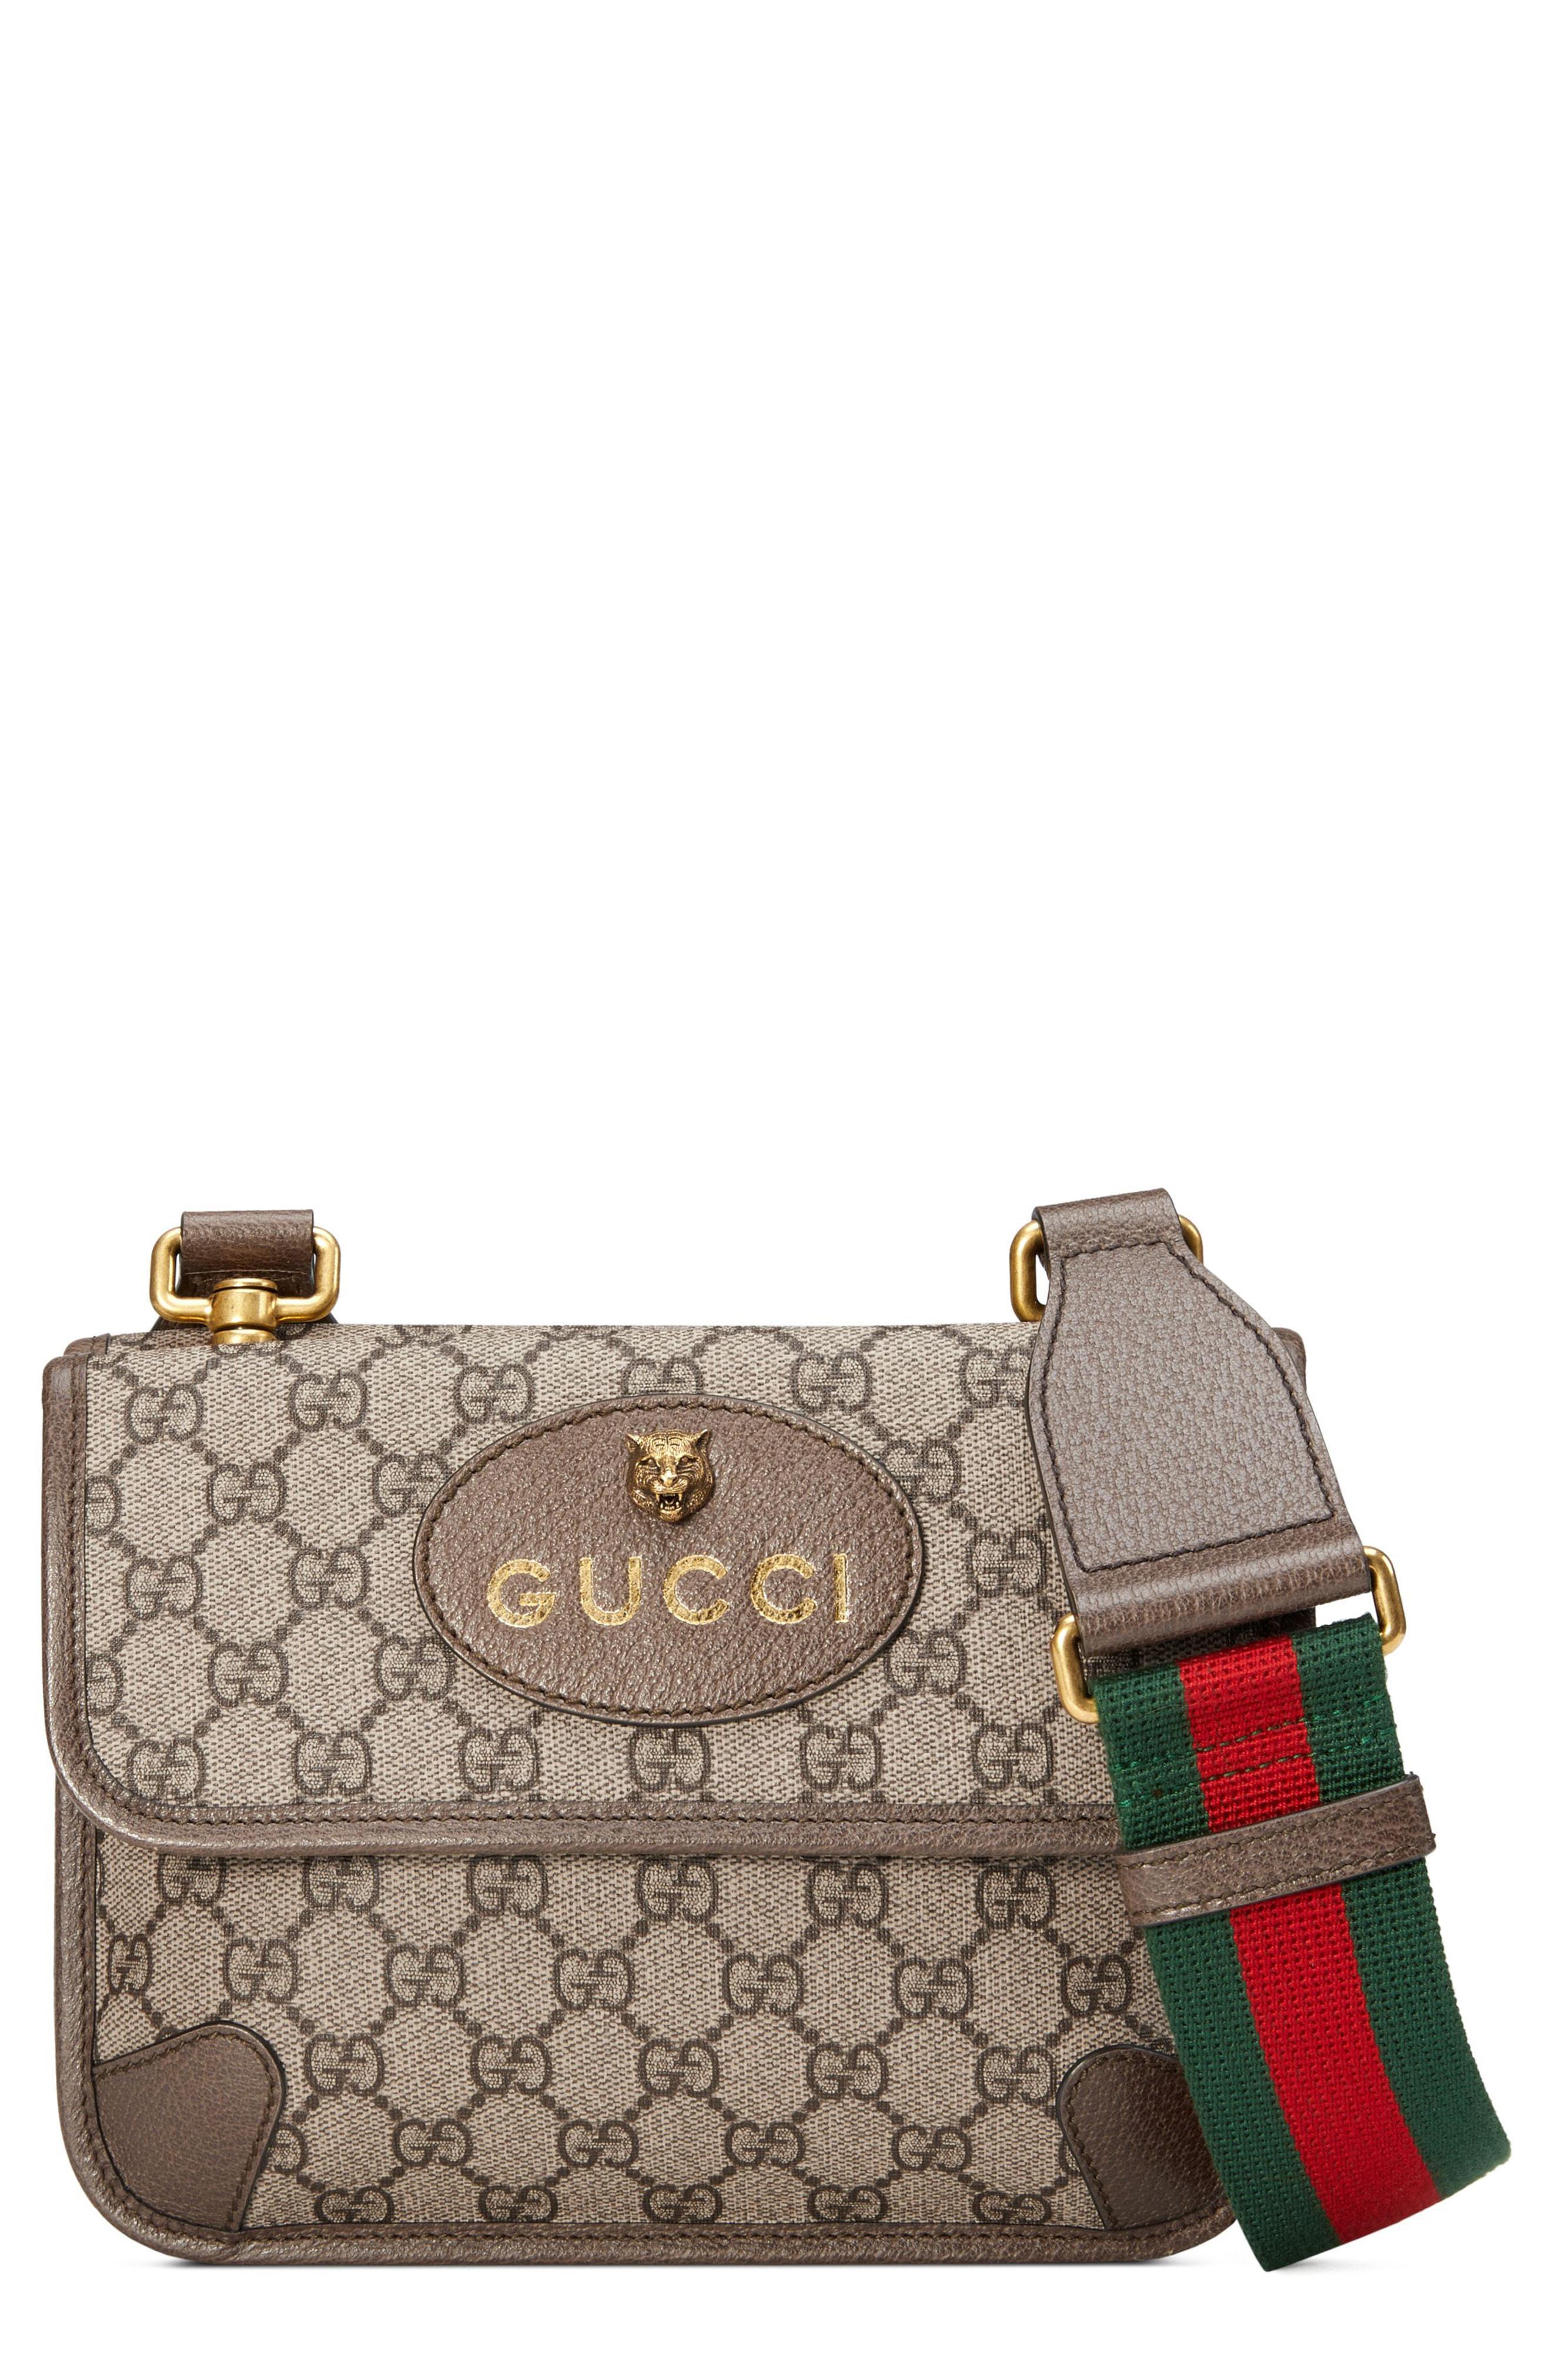 f54d395fad7 Gucci. Women s Small Gg Supreme Canvas Messenger Bag